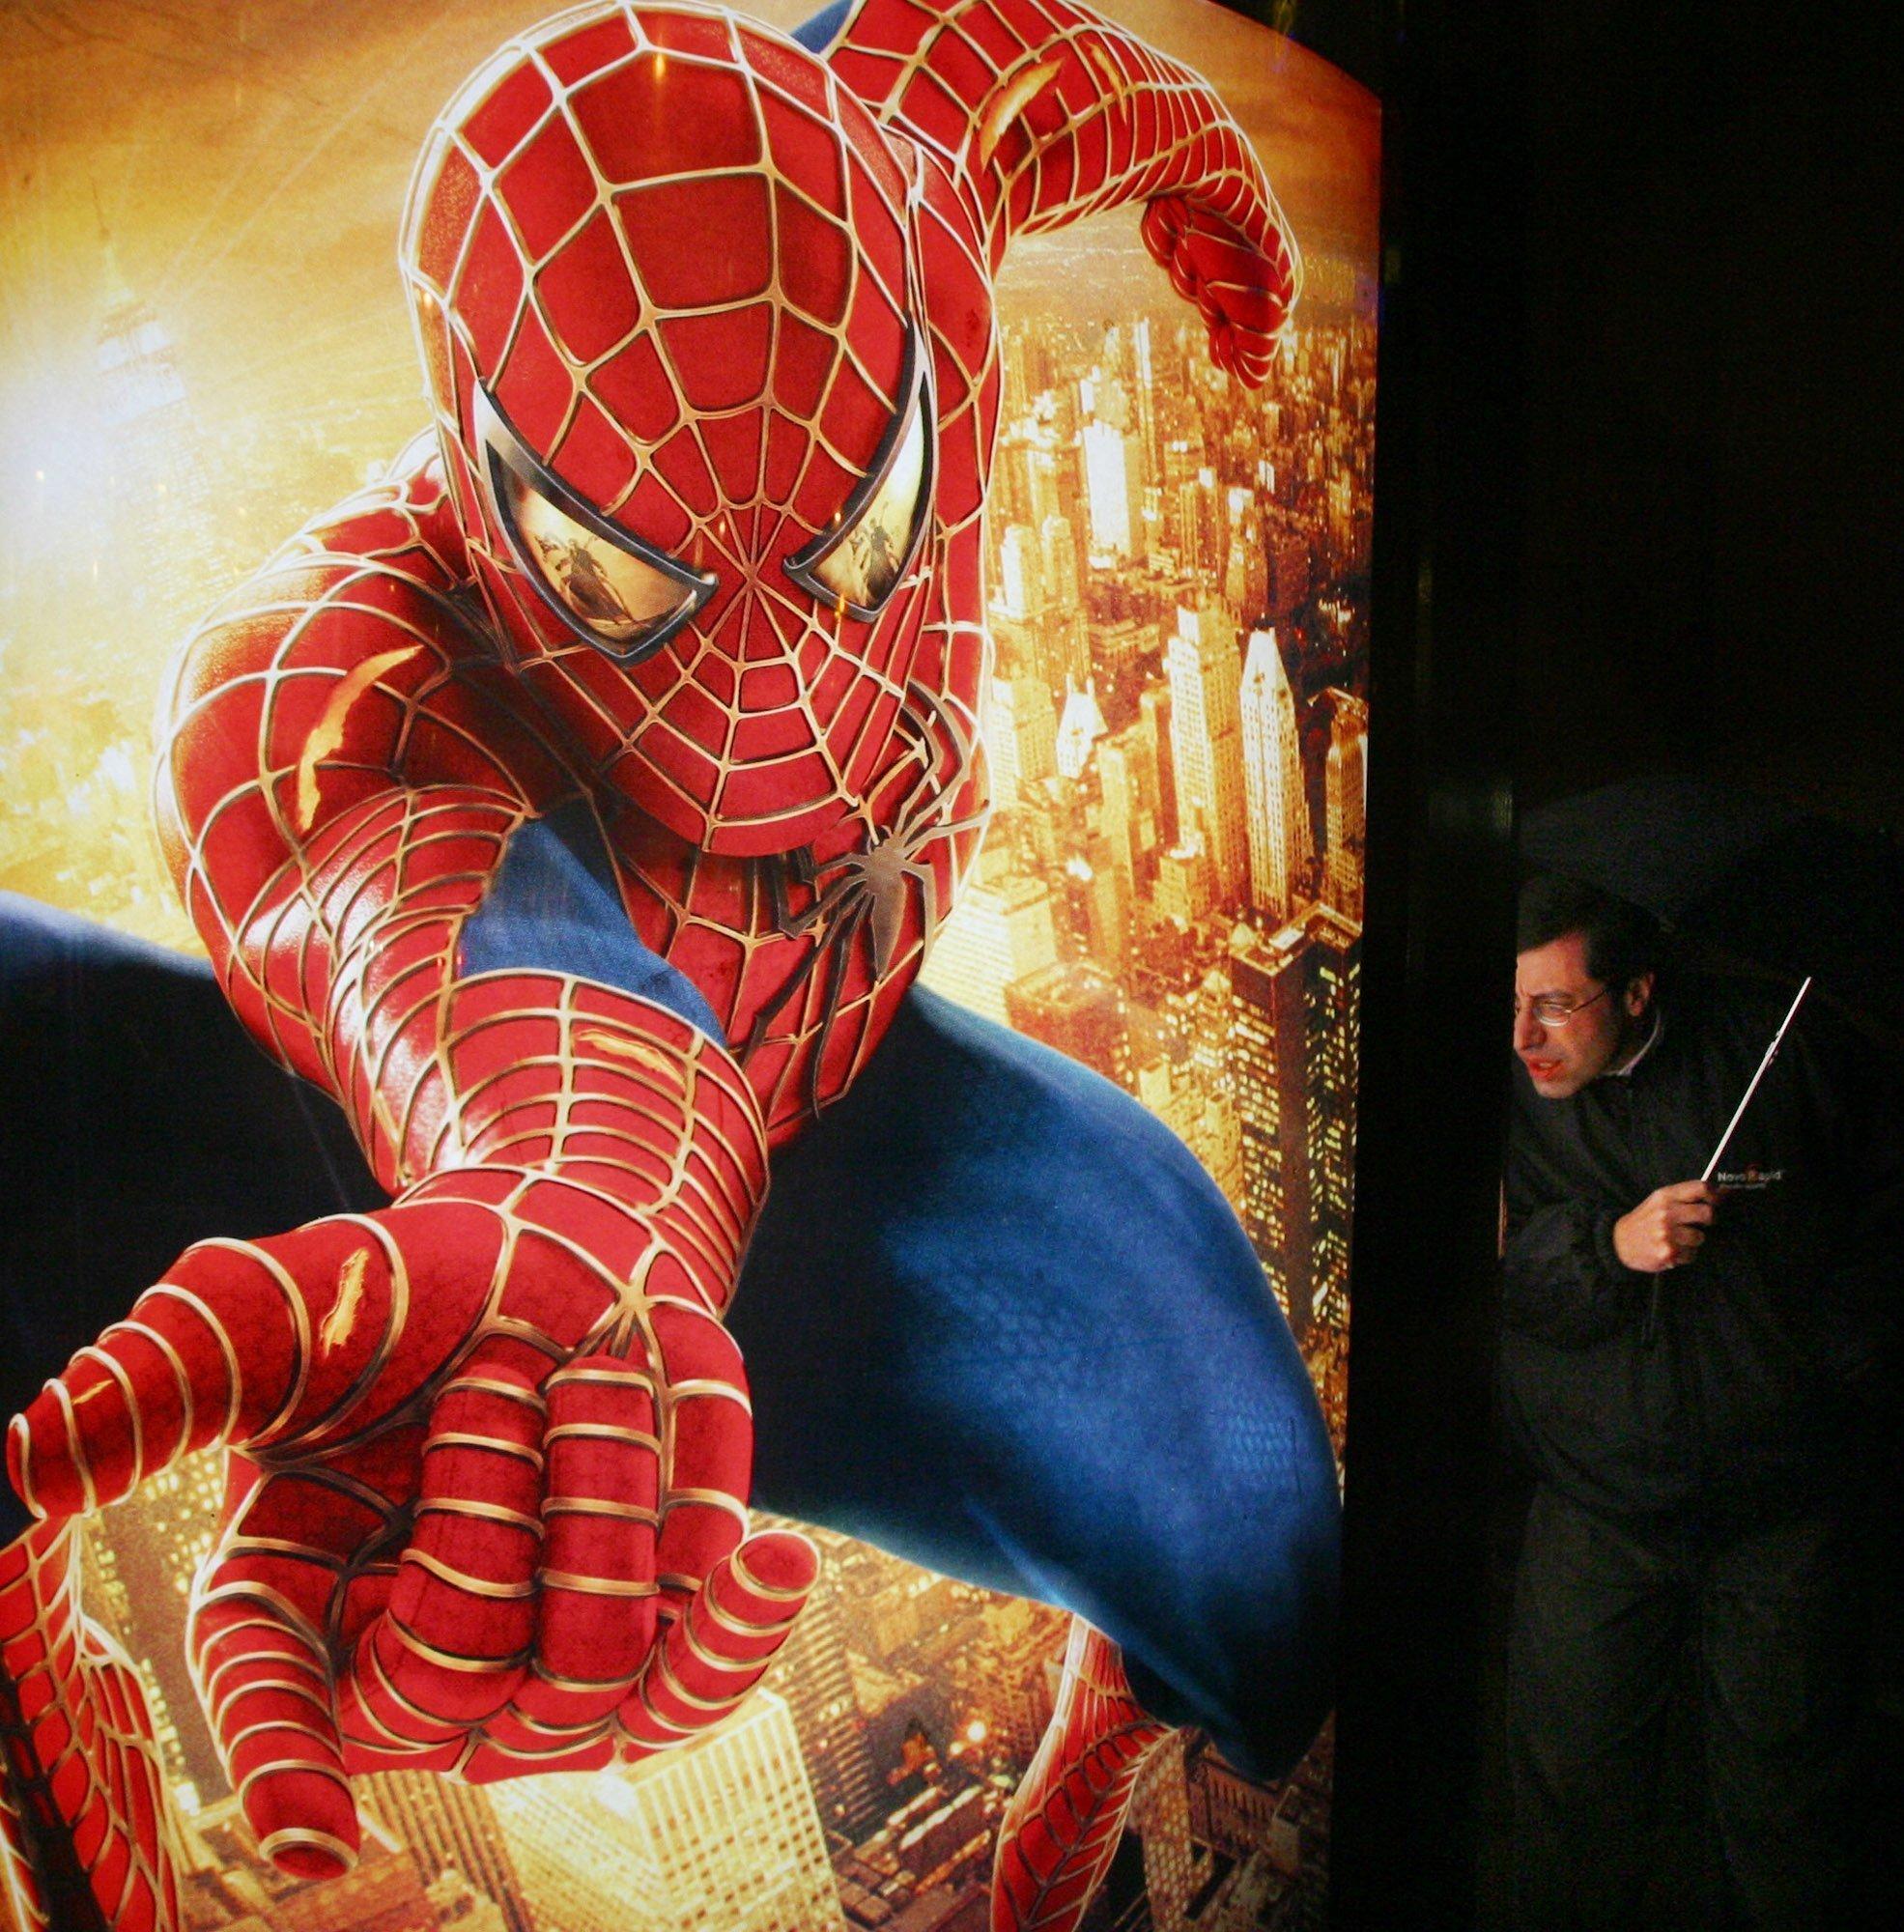 Spider Man 2017 Spider-Man returns to ...